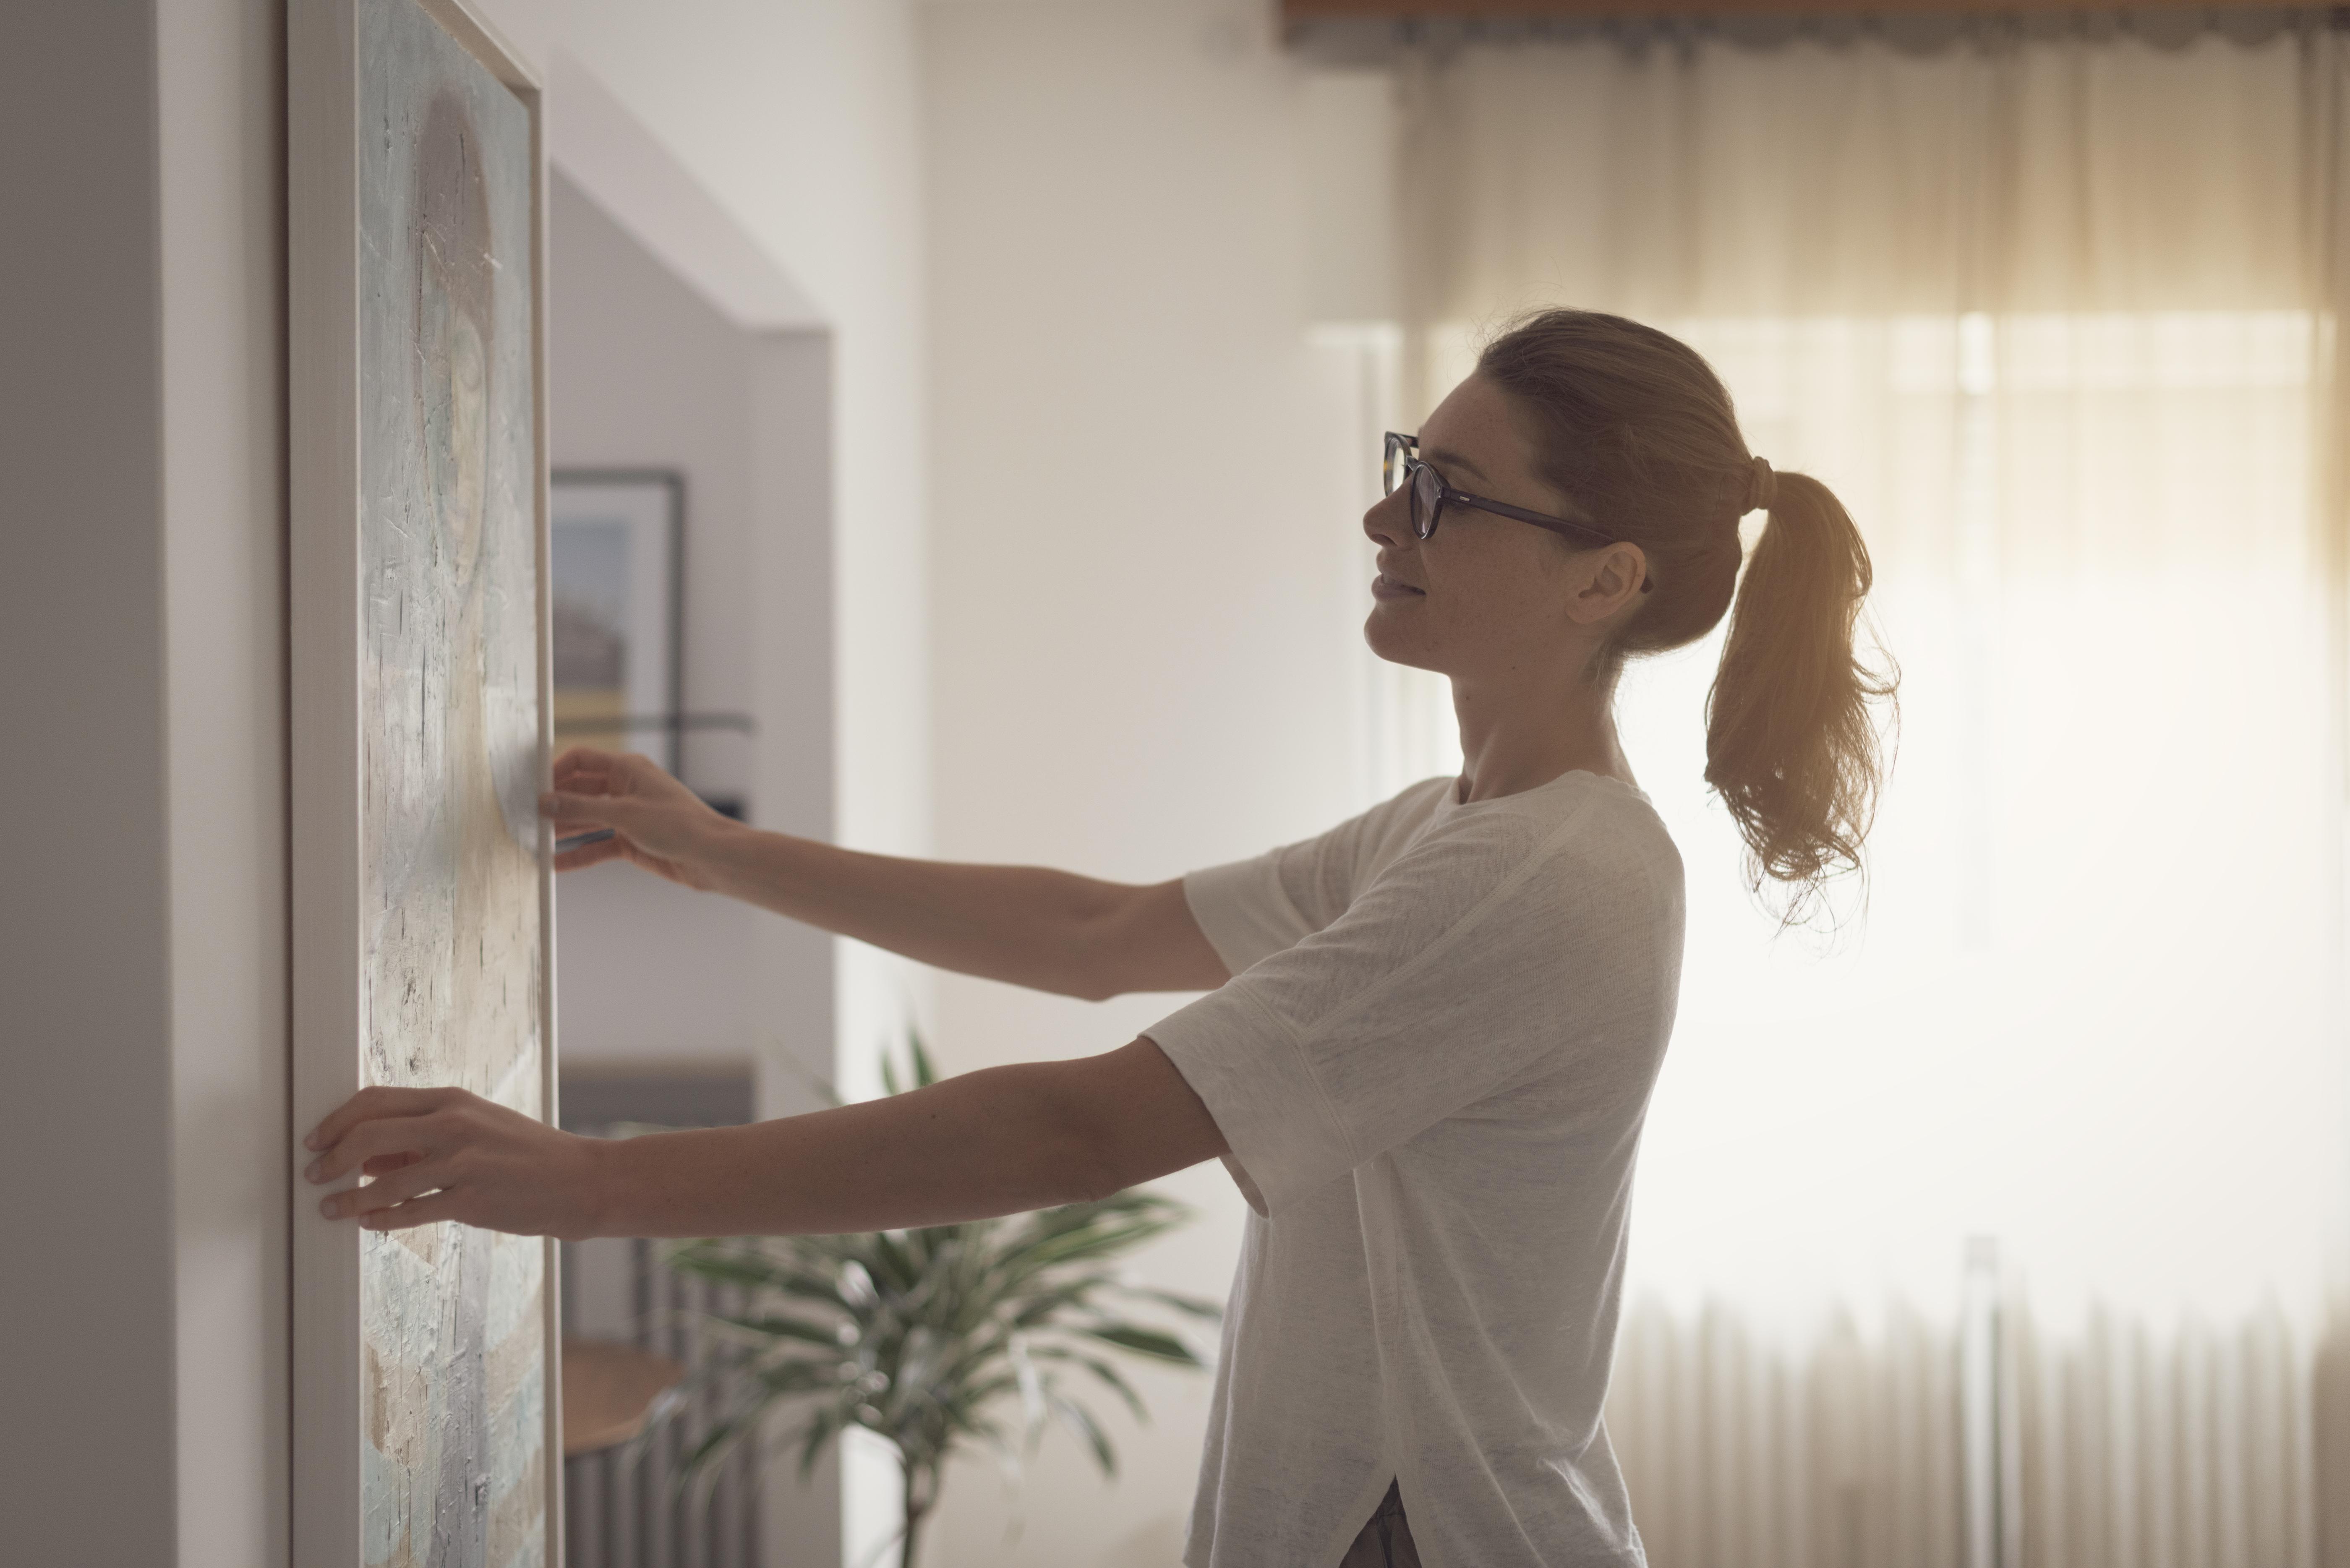 Woman hanging art